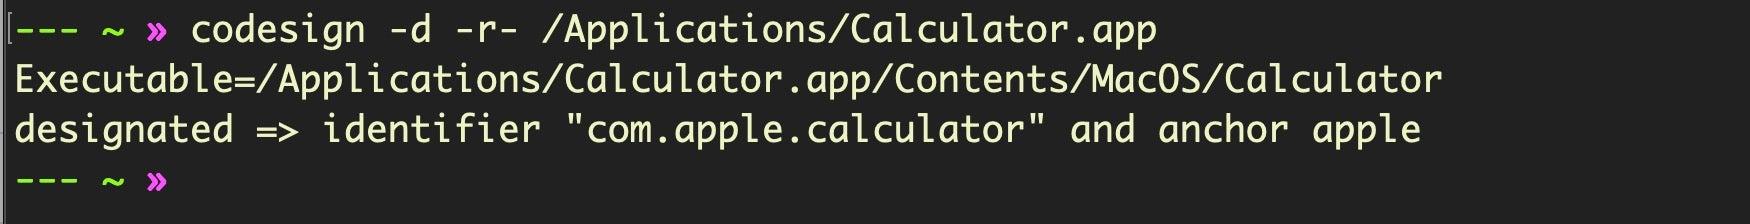 image if codesign utility